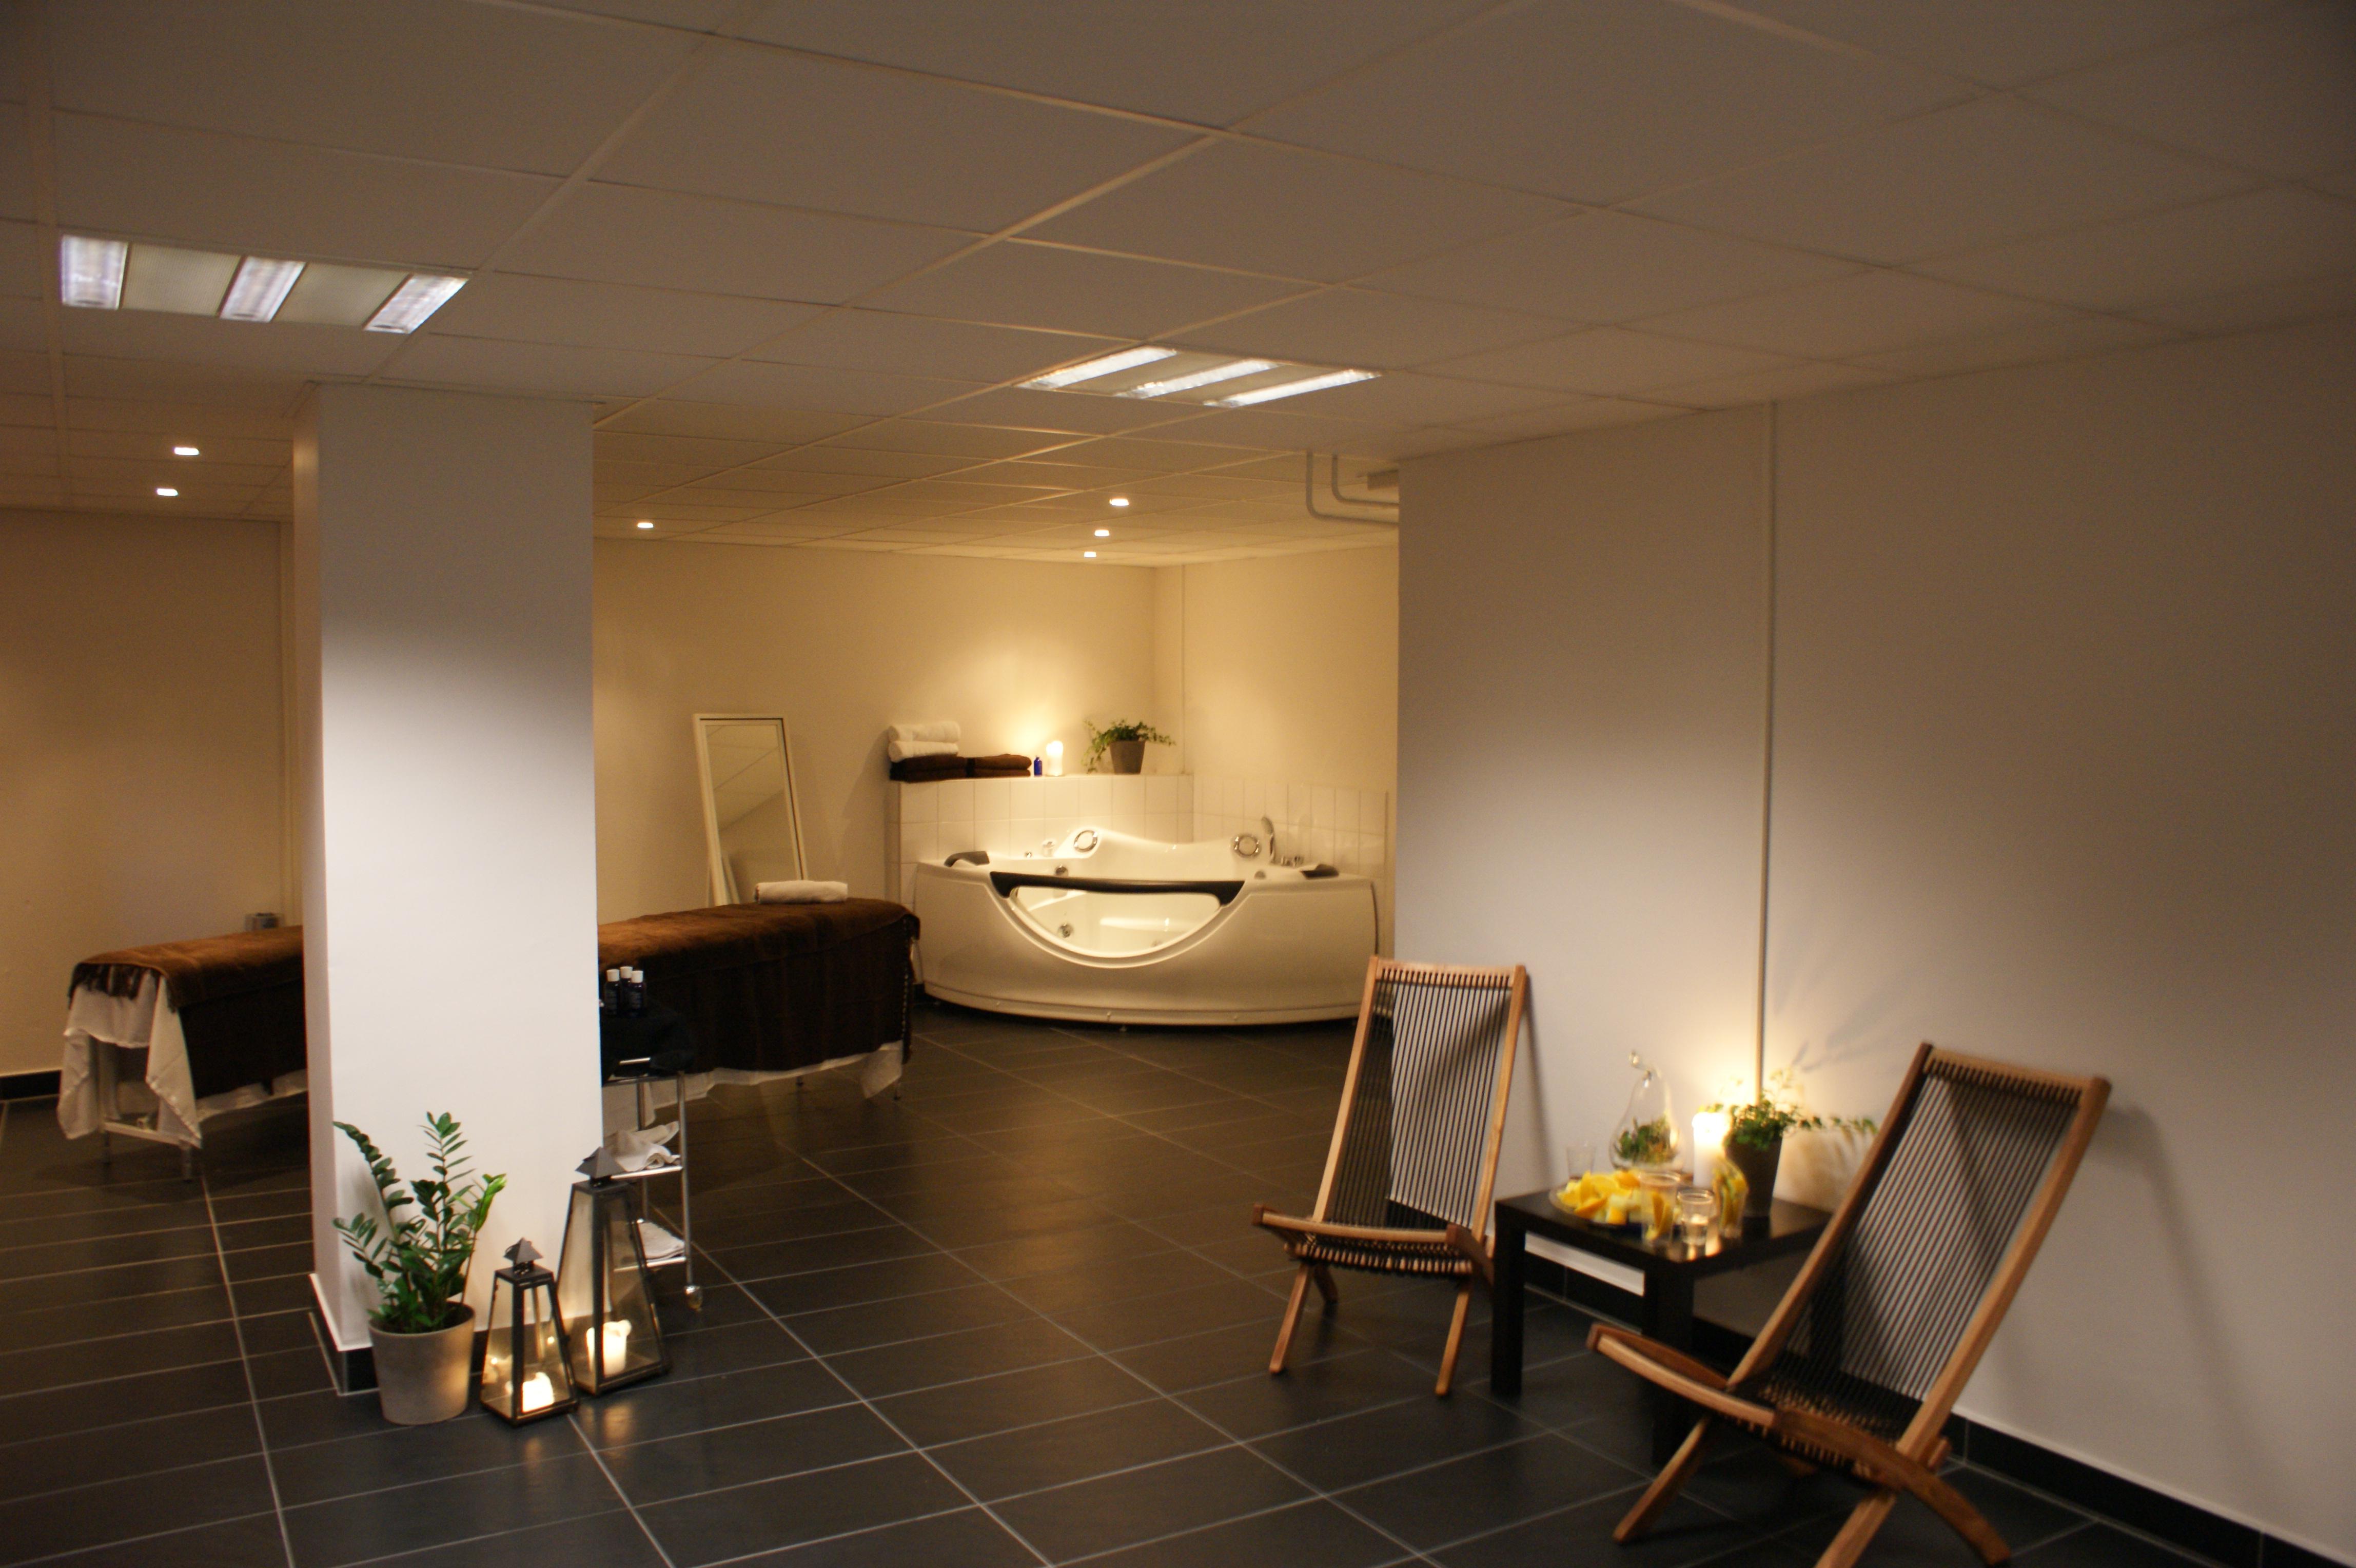 Ett spa Malmö med jacuzzi, bord, stolar och massagebritsar.